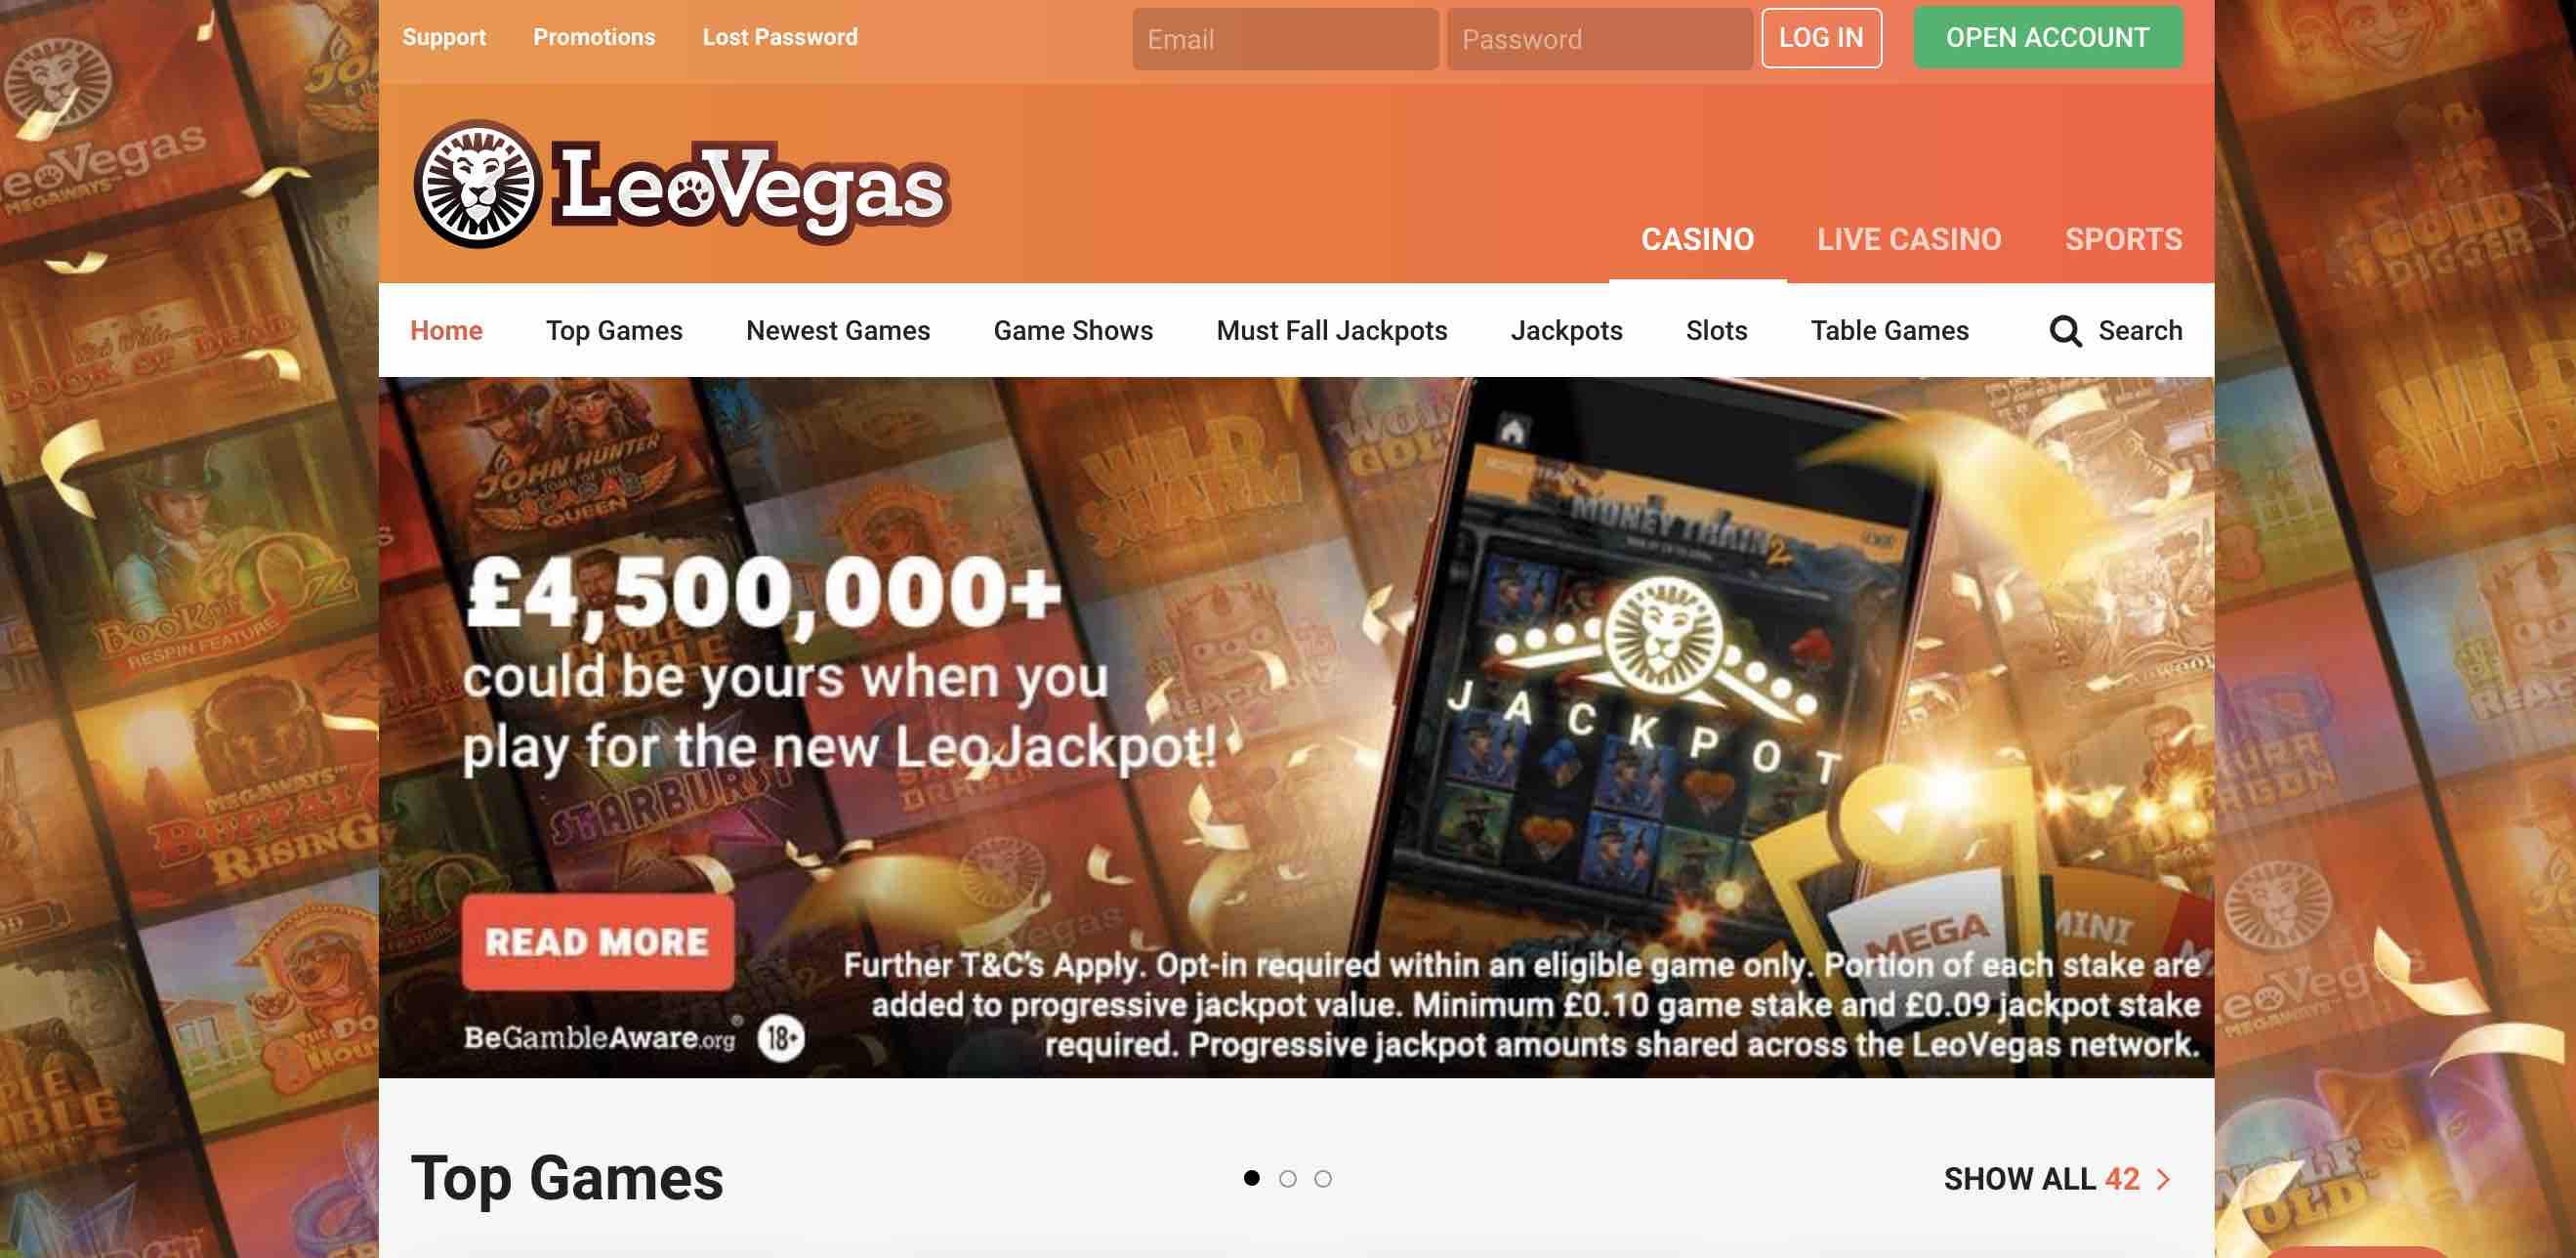 LeoVegas Casino Bonuses